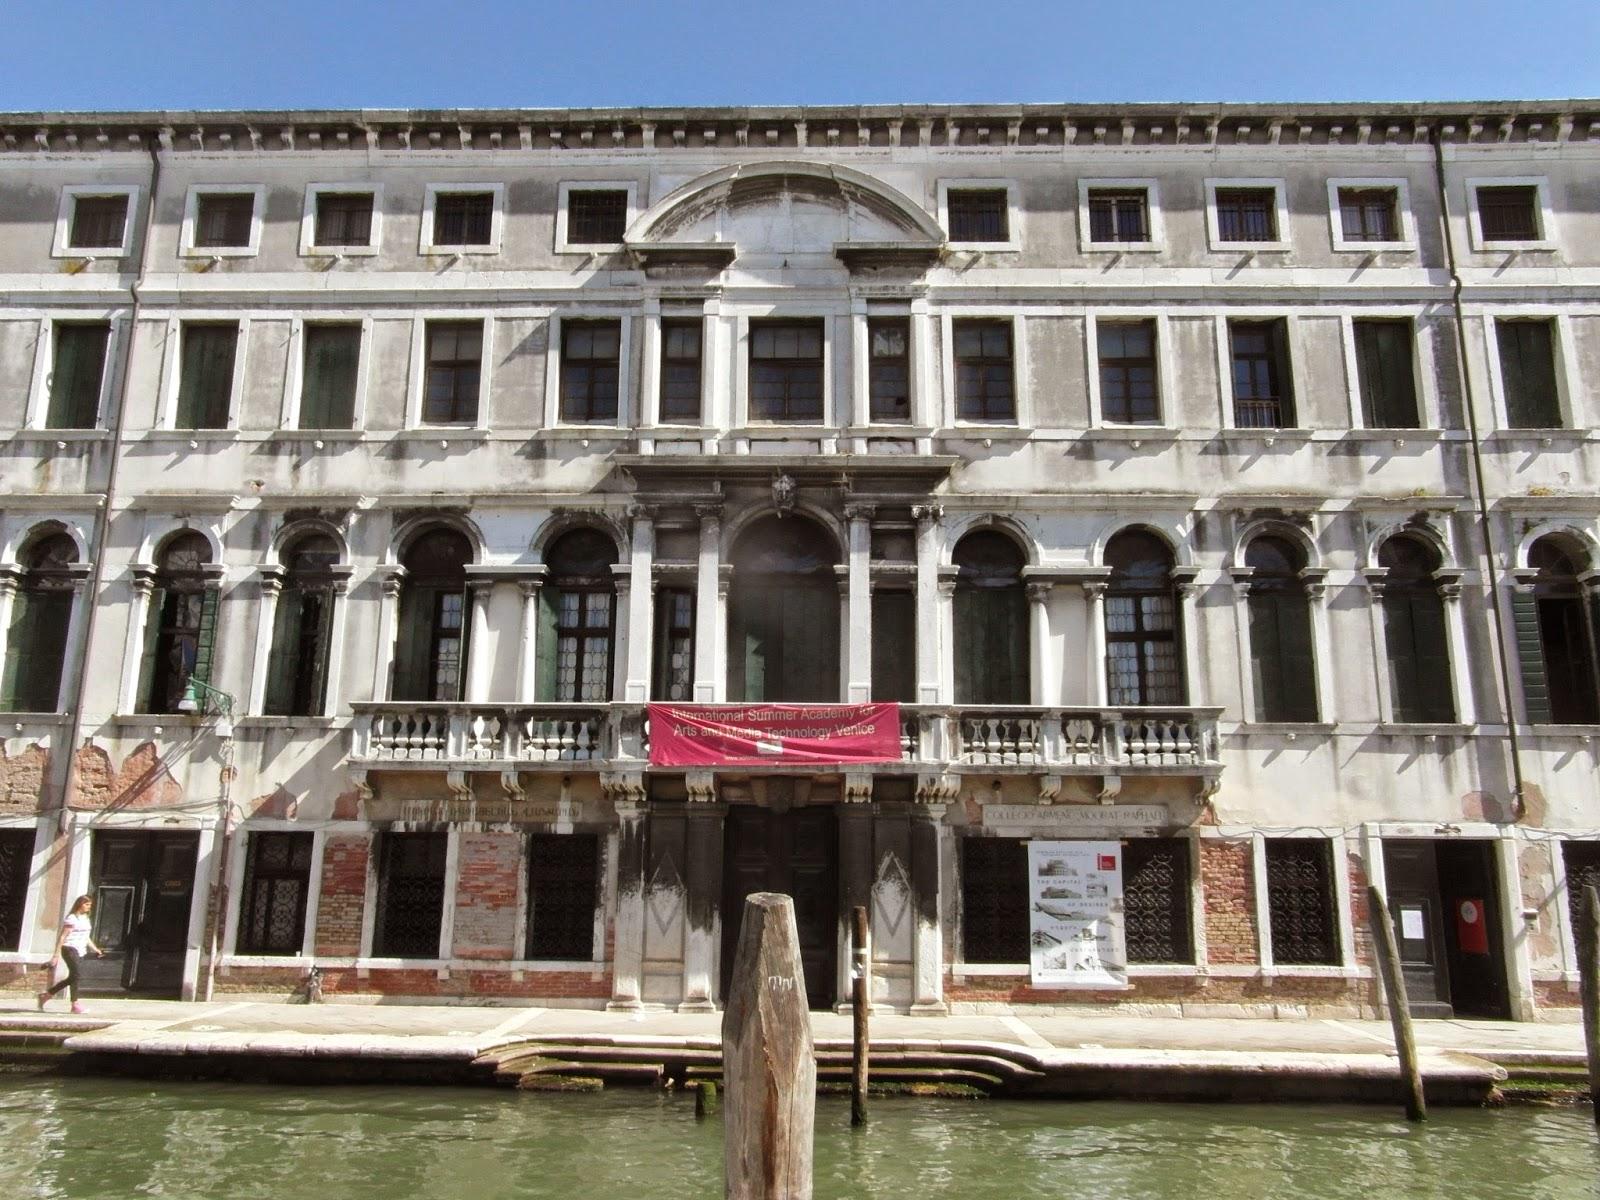 The Ca' Zenobio in Venice.